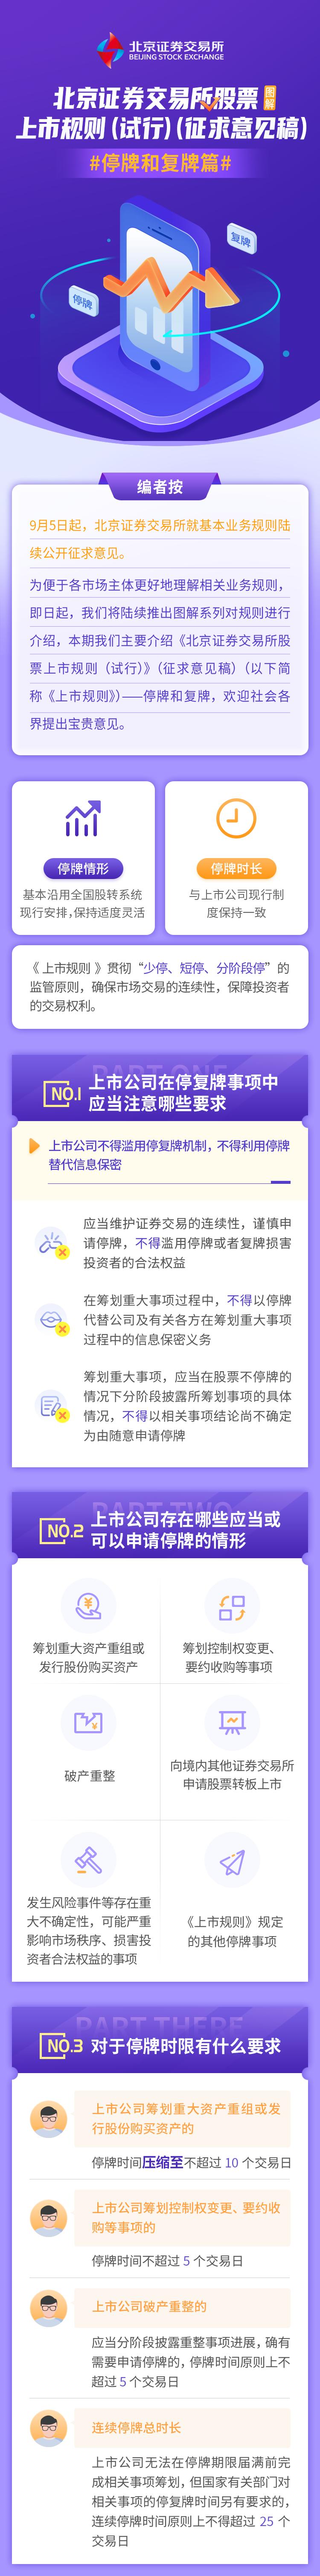 【金融知识普及月】图解 | 北京证券交易所股票上市规则(试行)(征求意见稿)之停牌和复牌篇